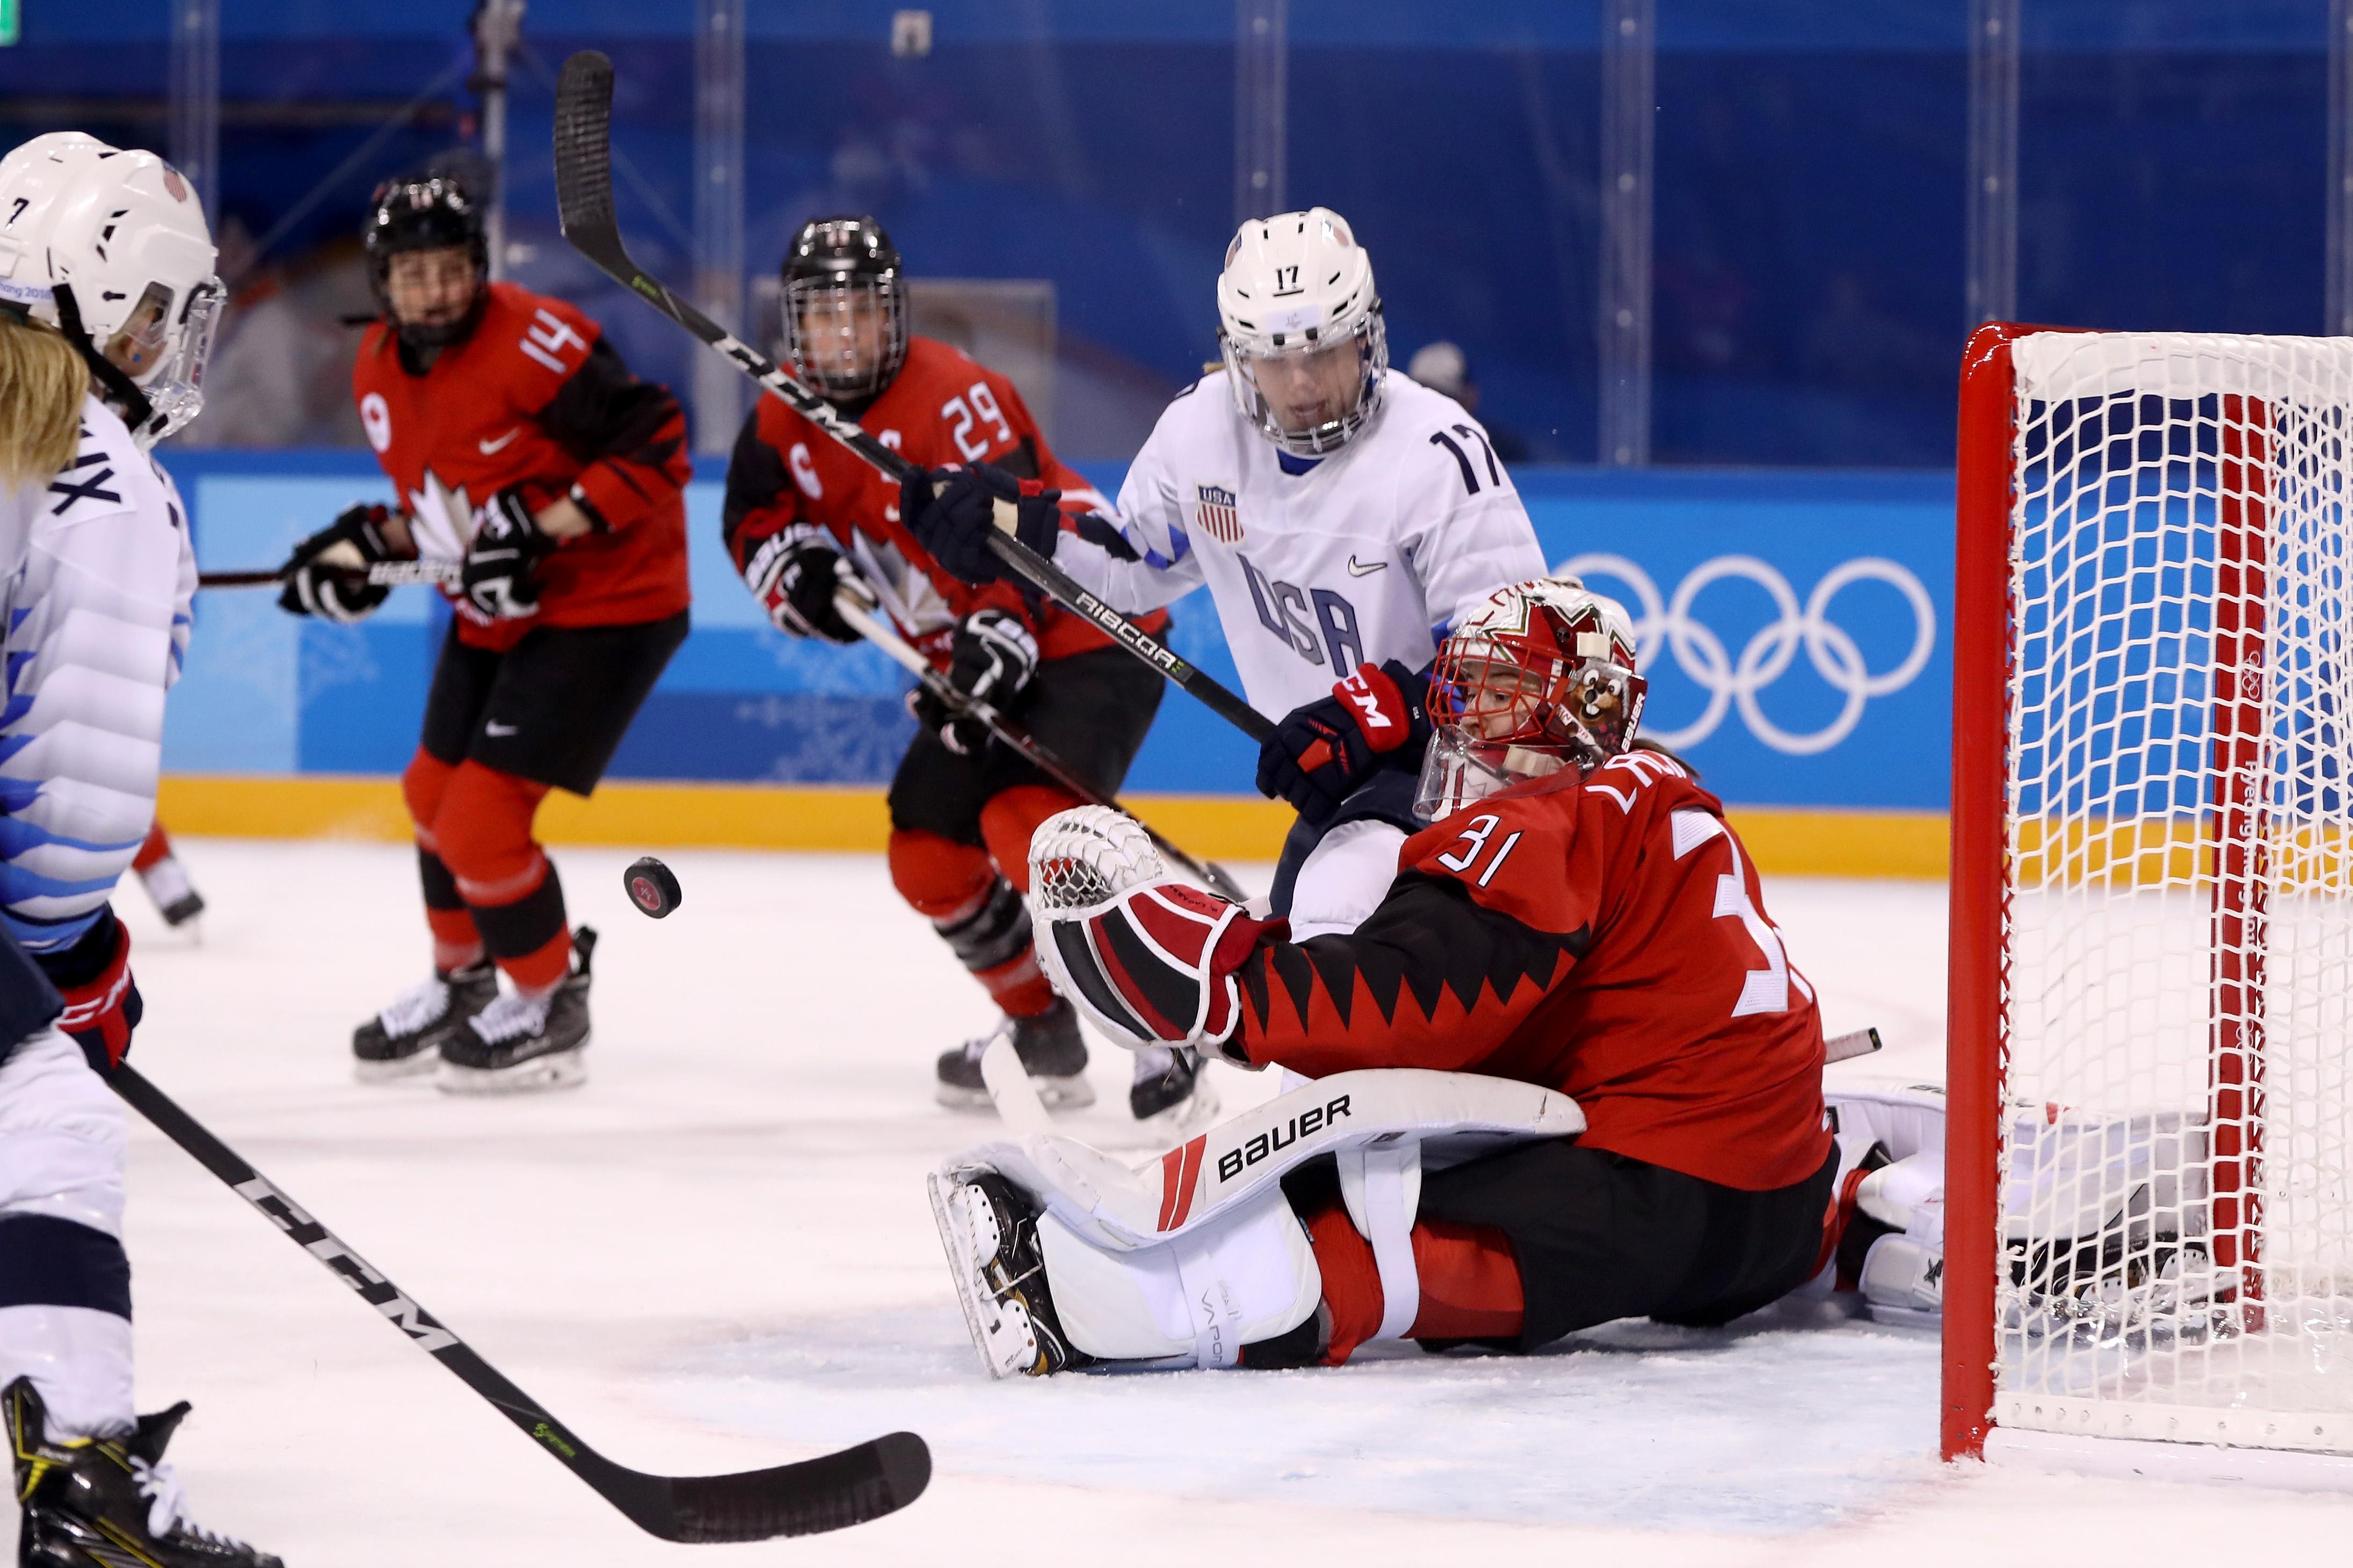 Ice Hockey - Winter Olympics Day 6 - United States v Canada